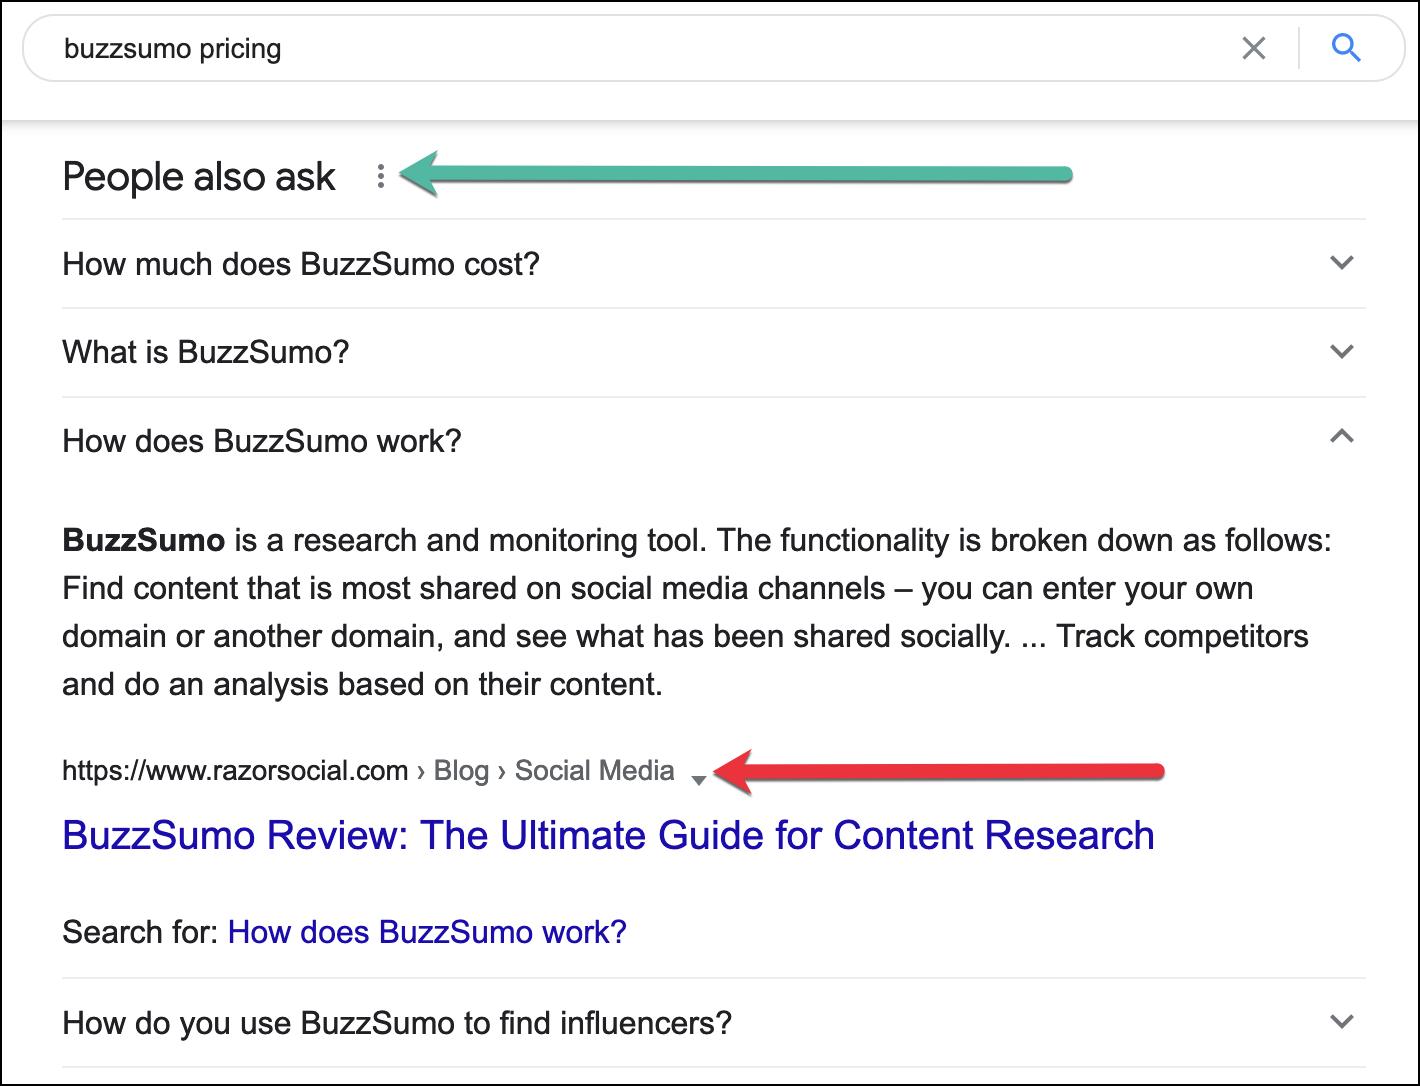 Снимок экрана окна предложений «Люди также спрашивают» для поискового запроса